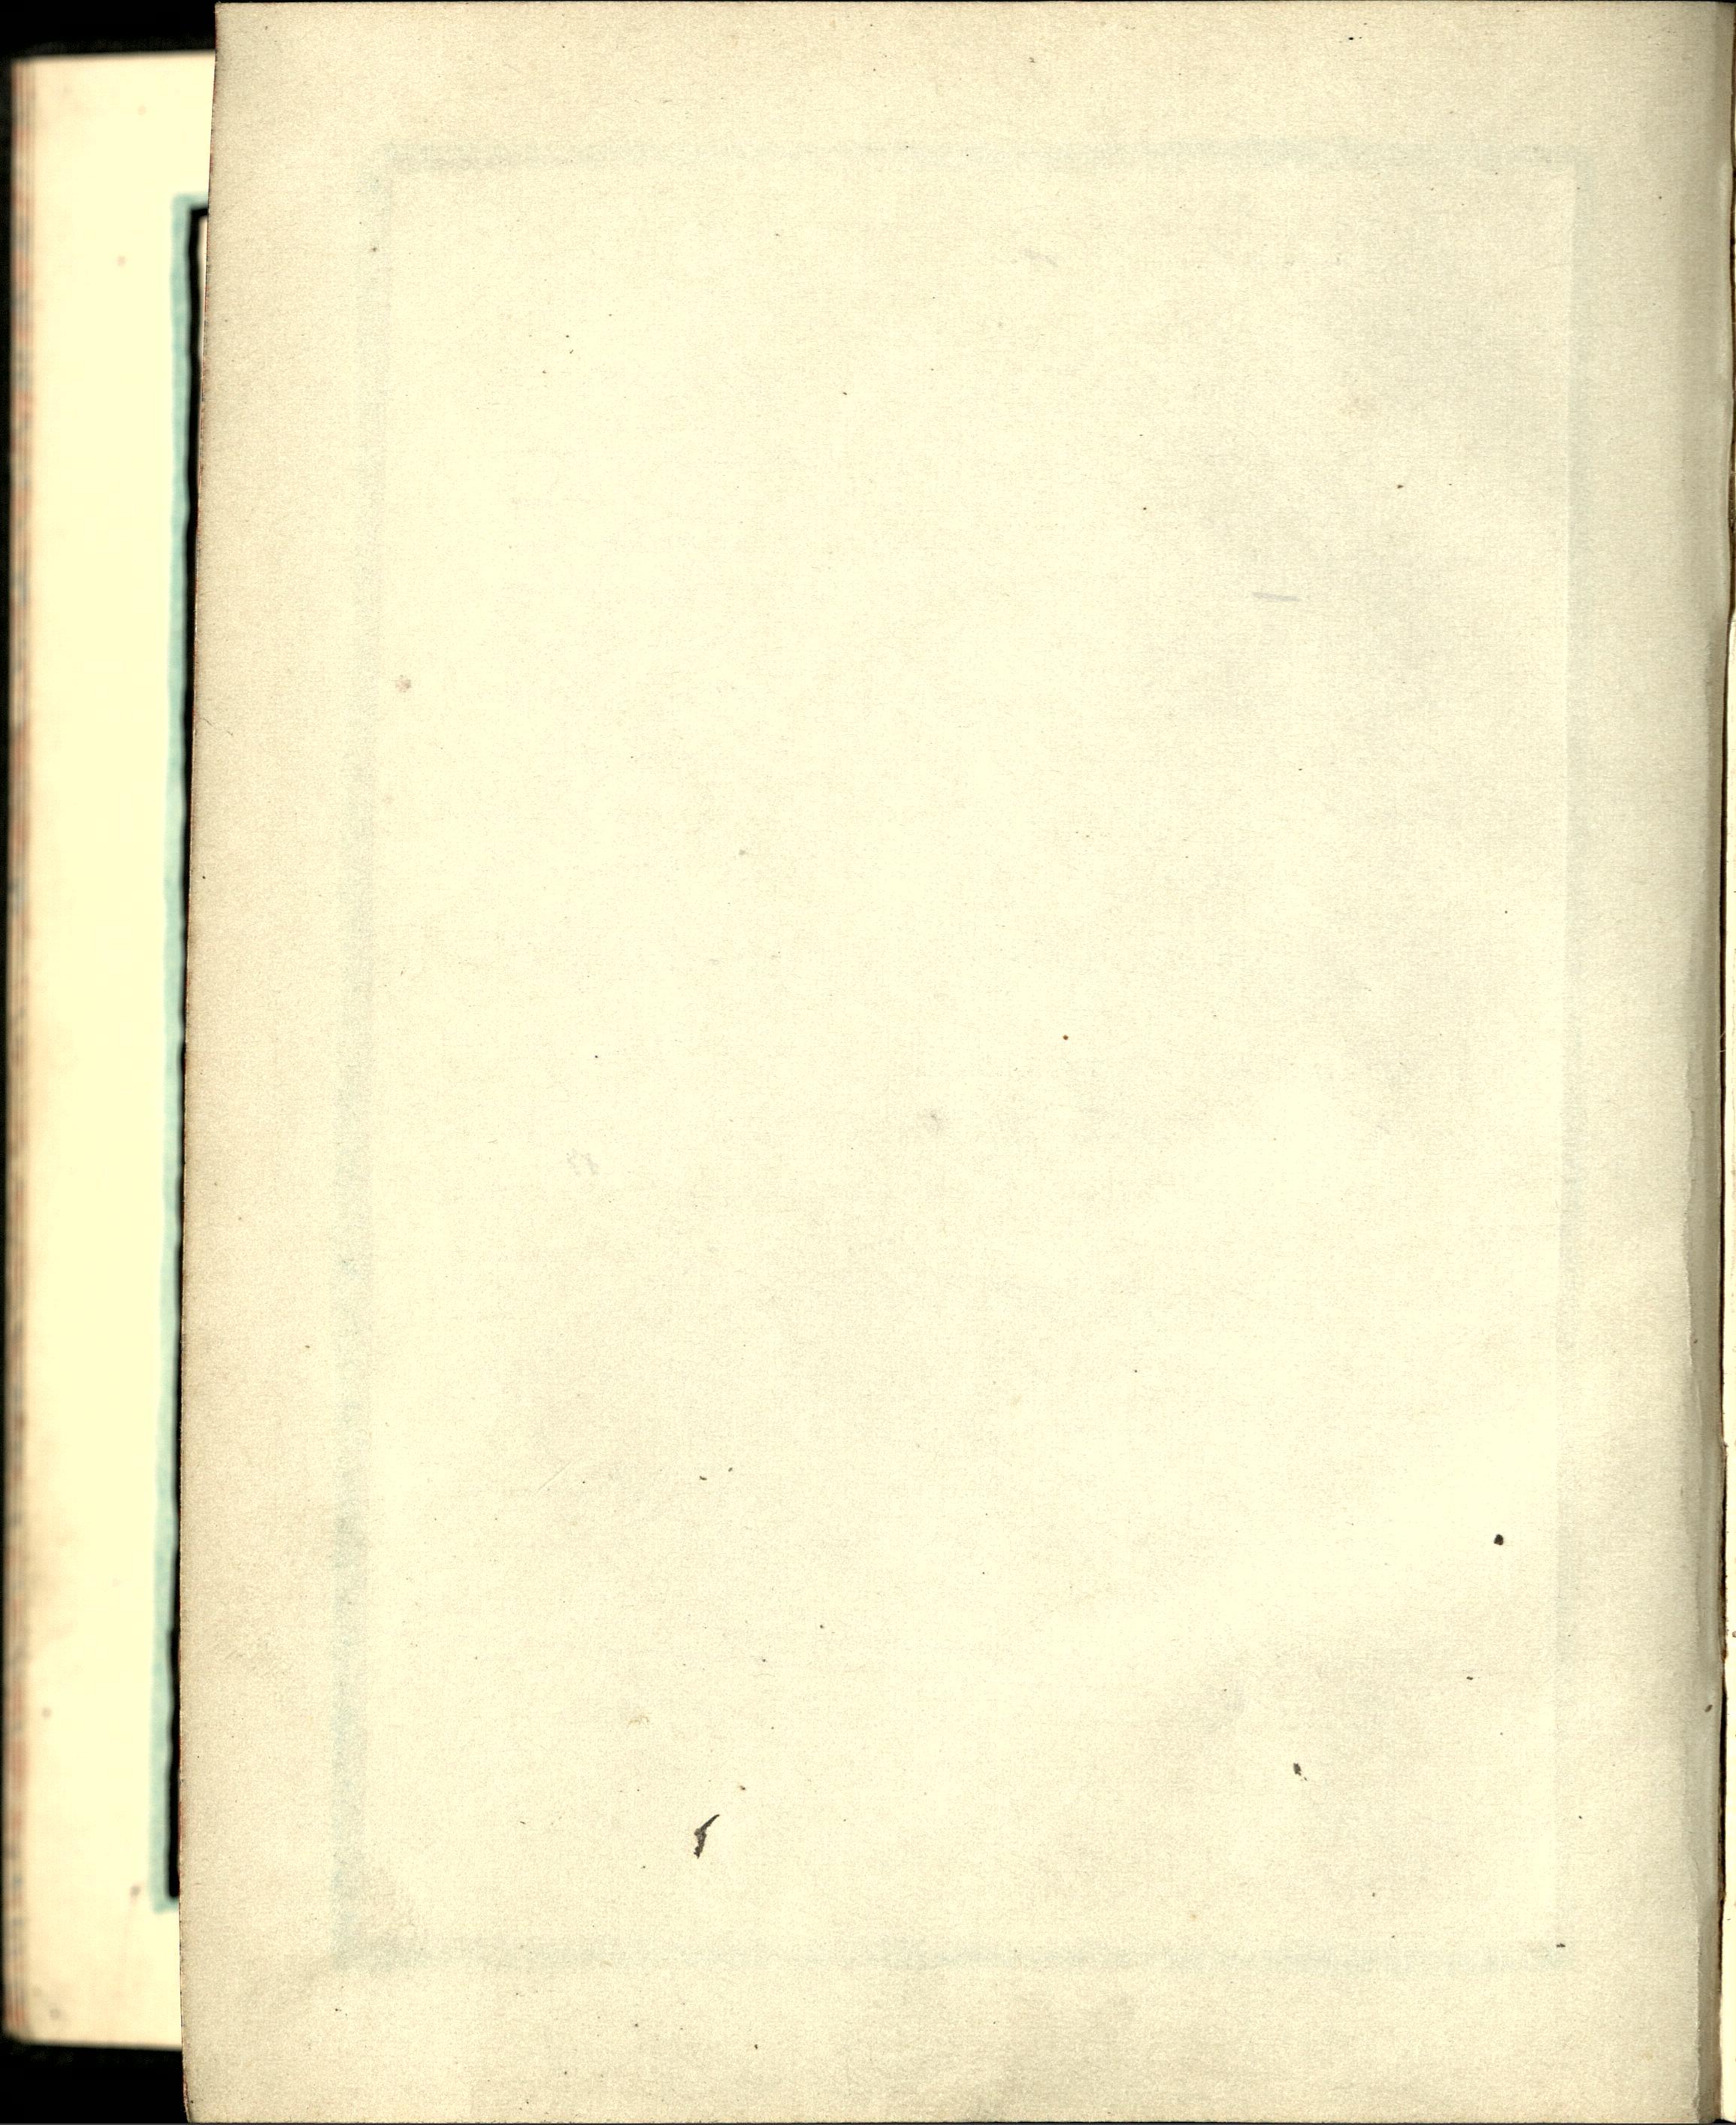 Fis02 2